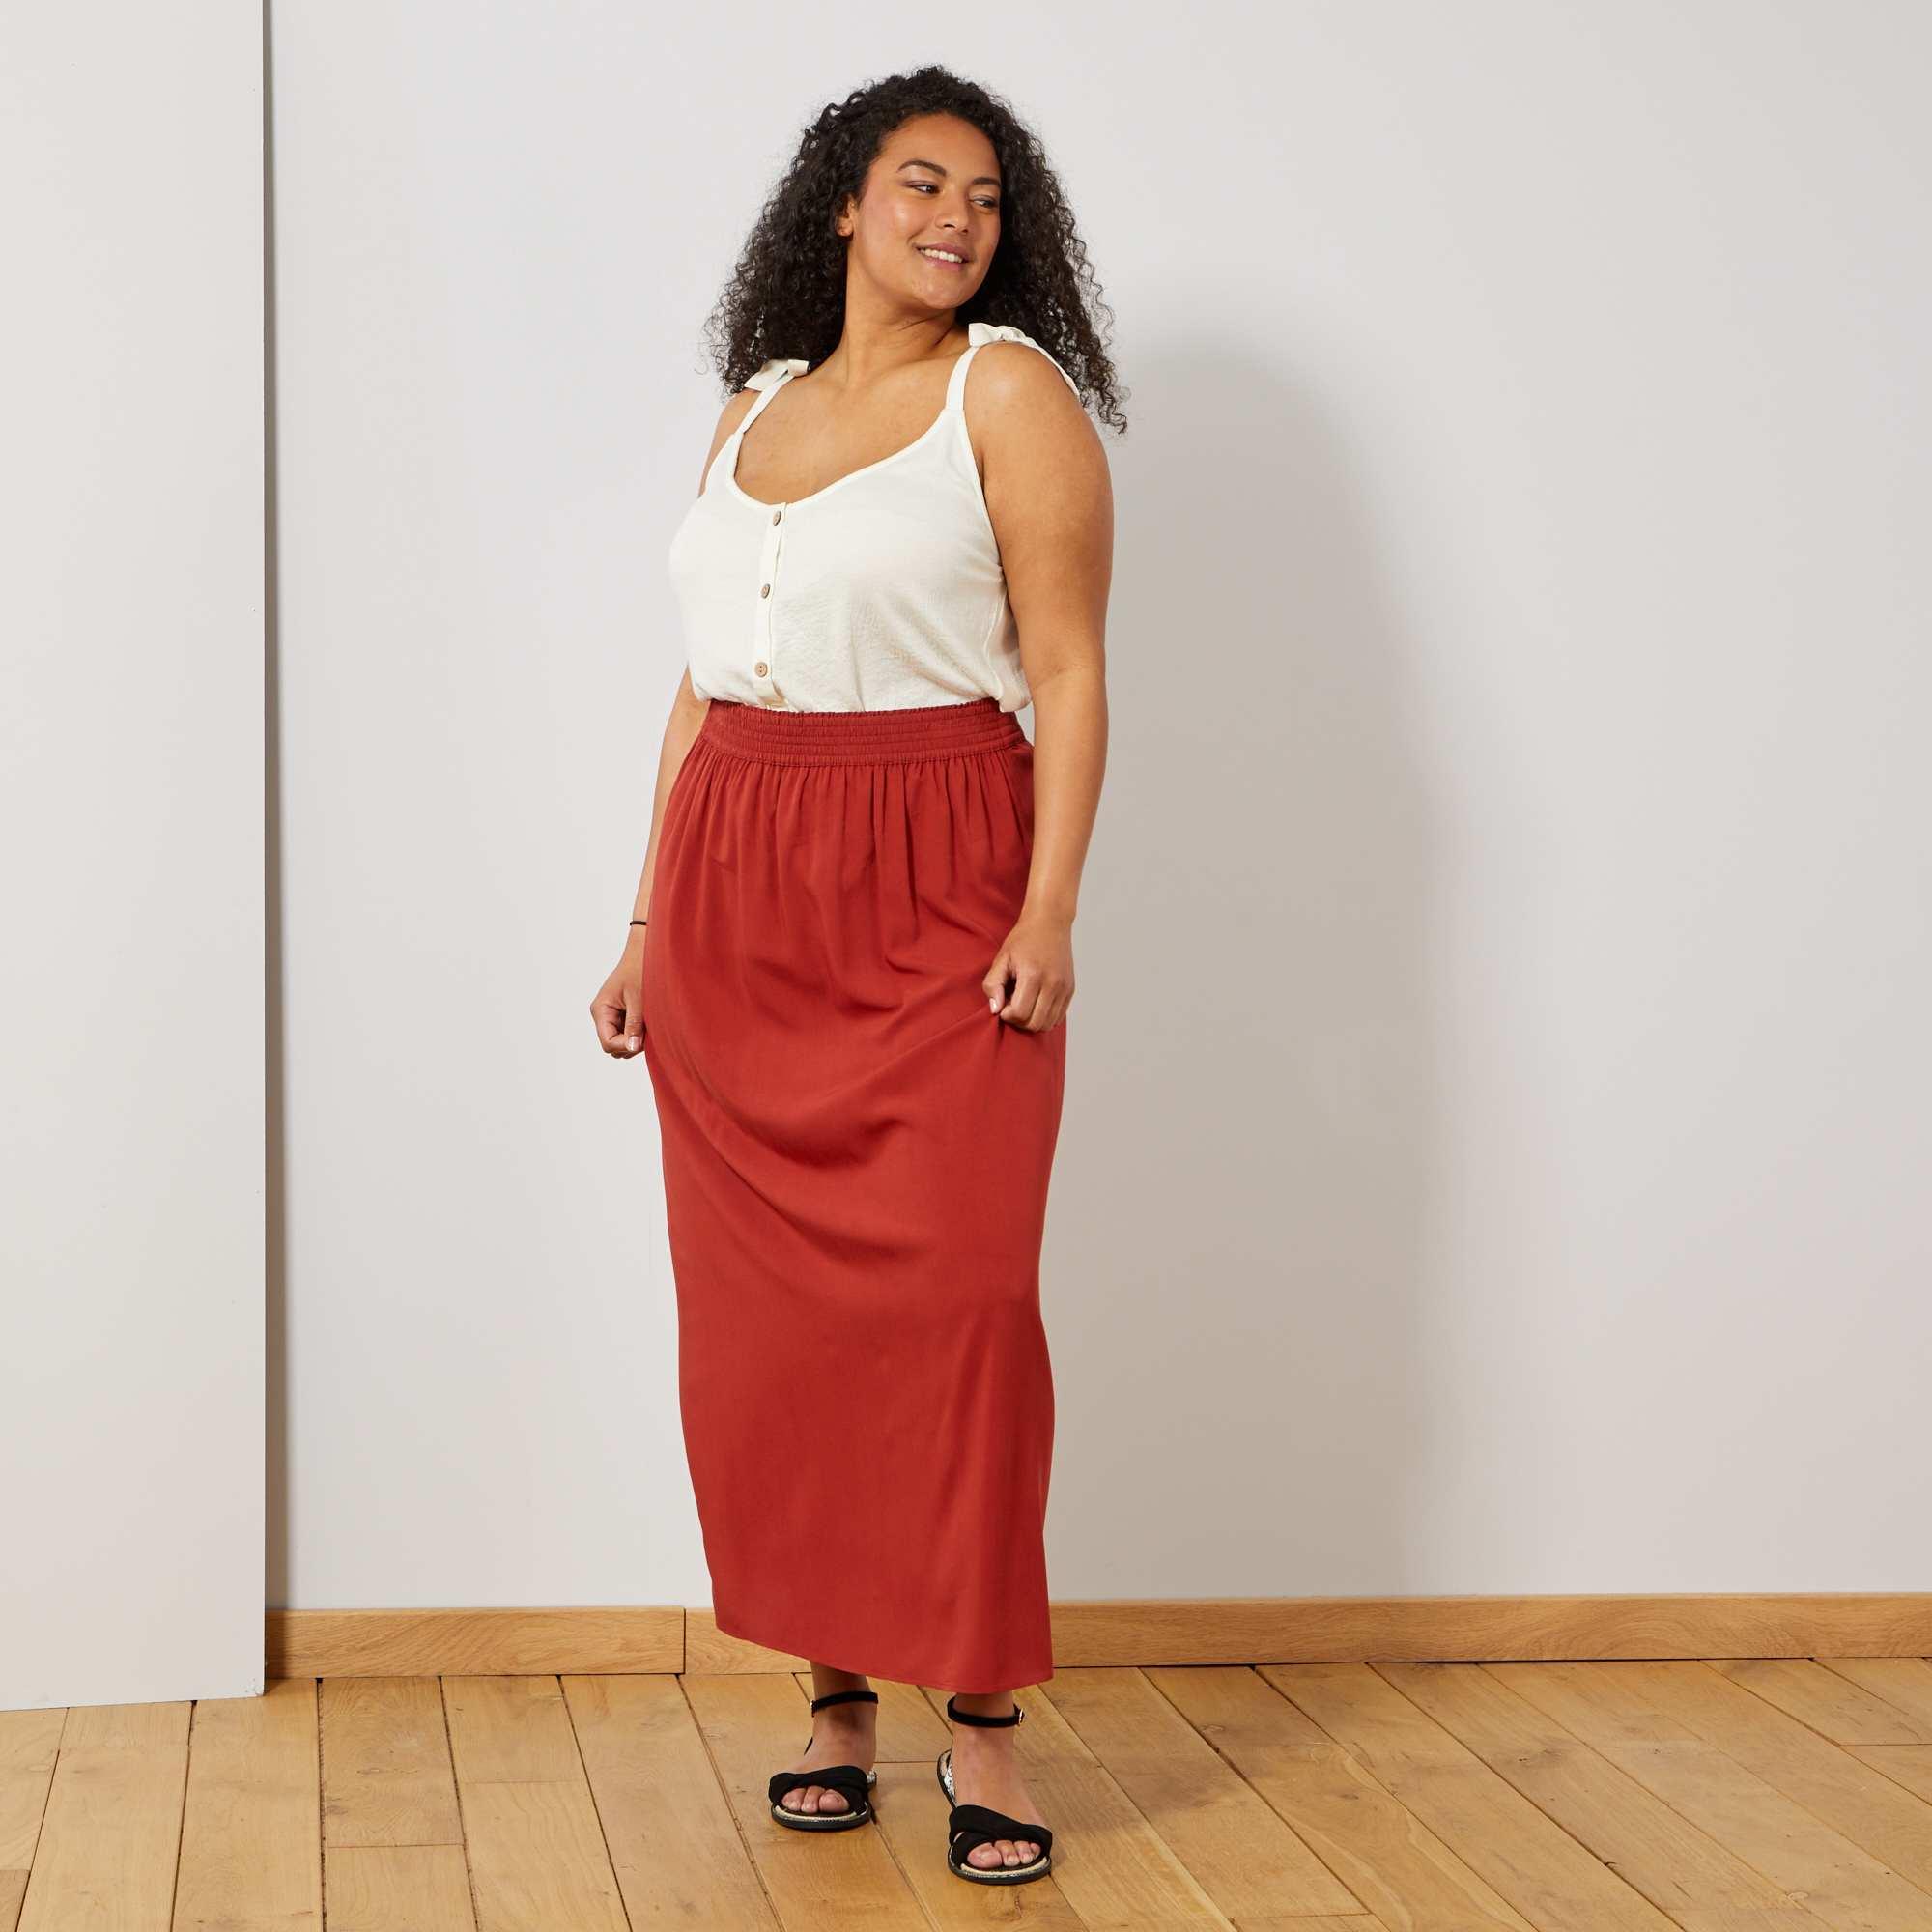 Elastique Femme Taille Jupe Jupe Grande MzUVSp